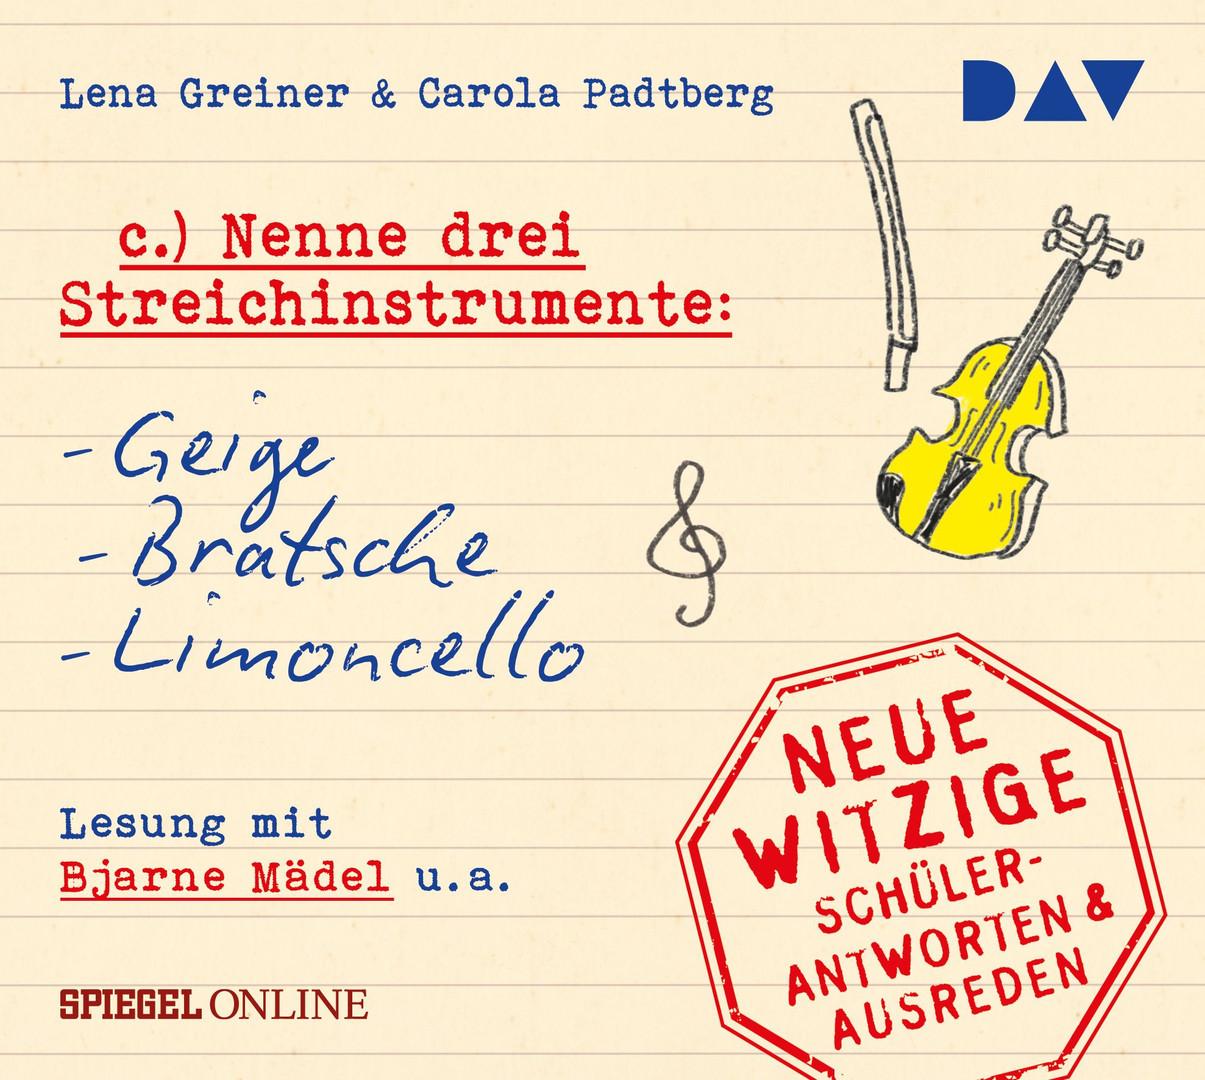 »Nenne drei Streichinstrumente: Geige, Bratsche, Limoncello« – Neue witzige Schülerantworten & Ausreden